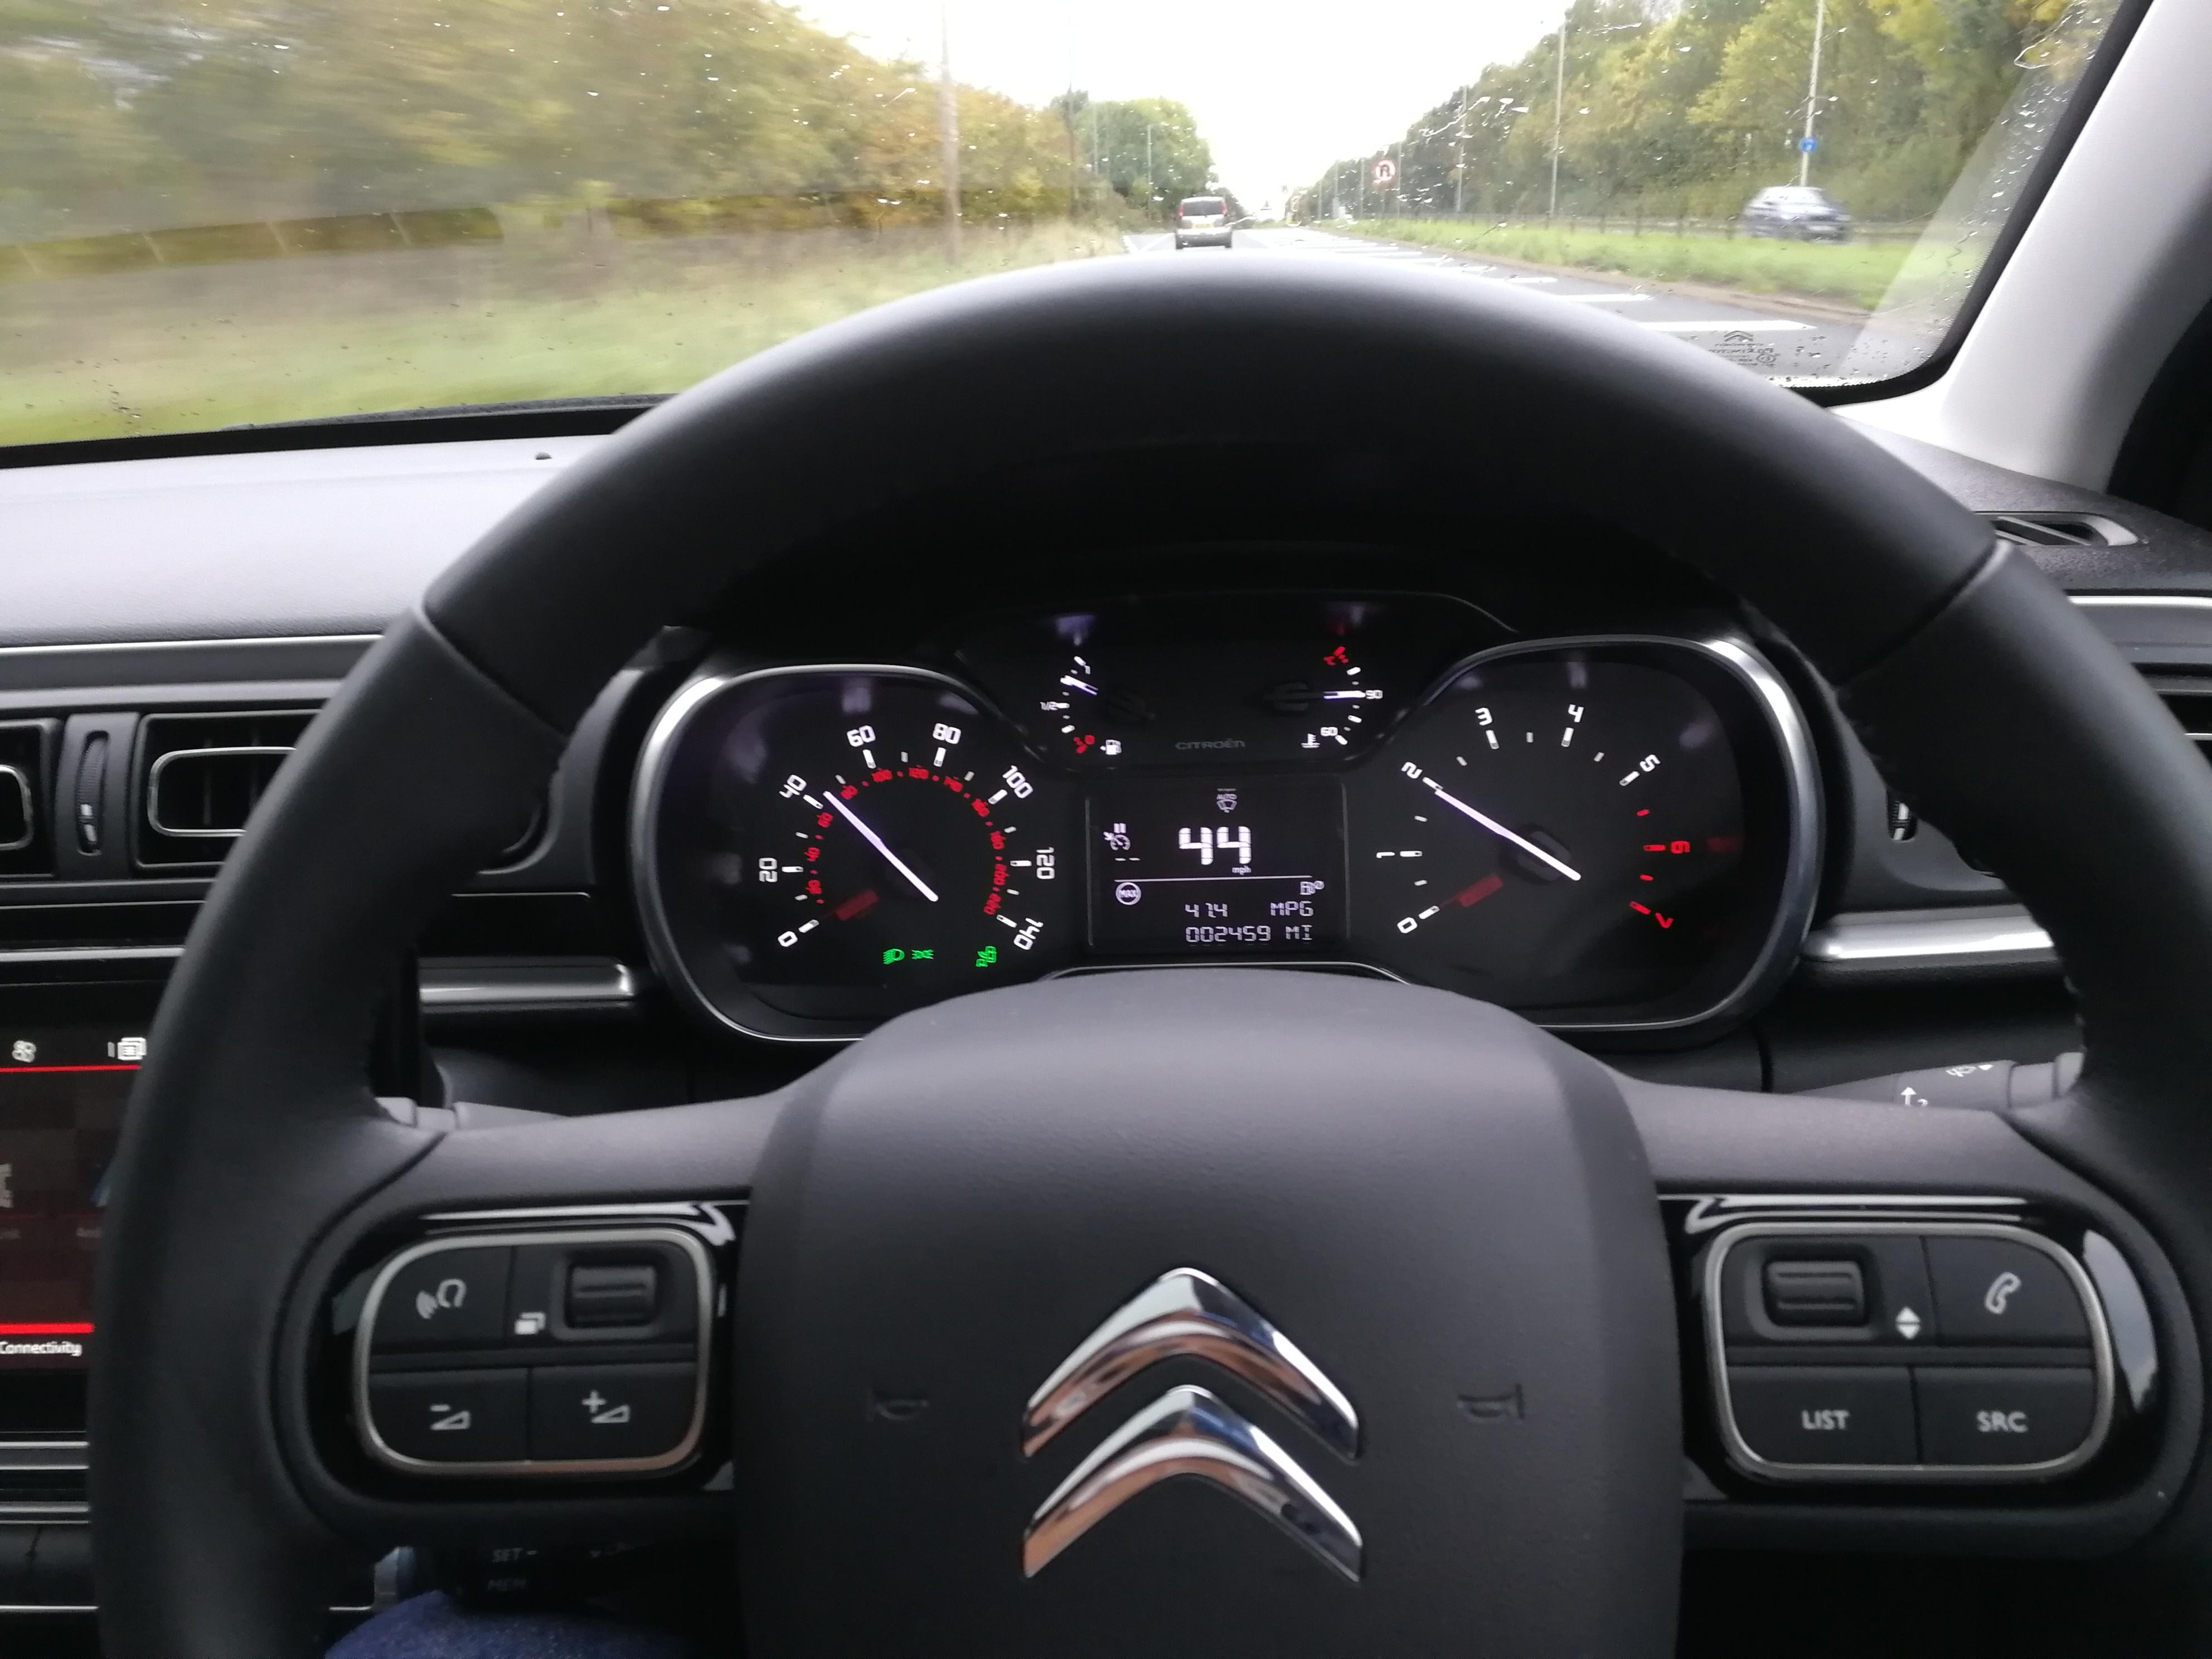 Citroën C3 - Review - Coolsmartphone